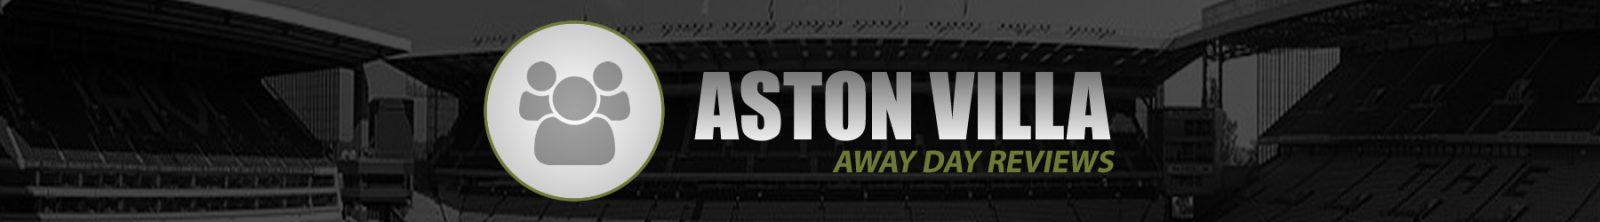 Review Aston Villa